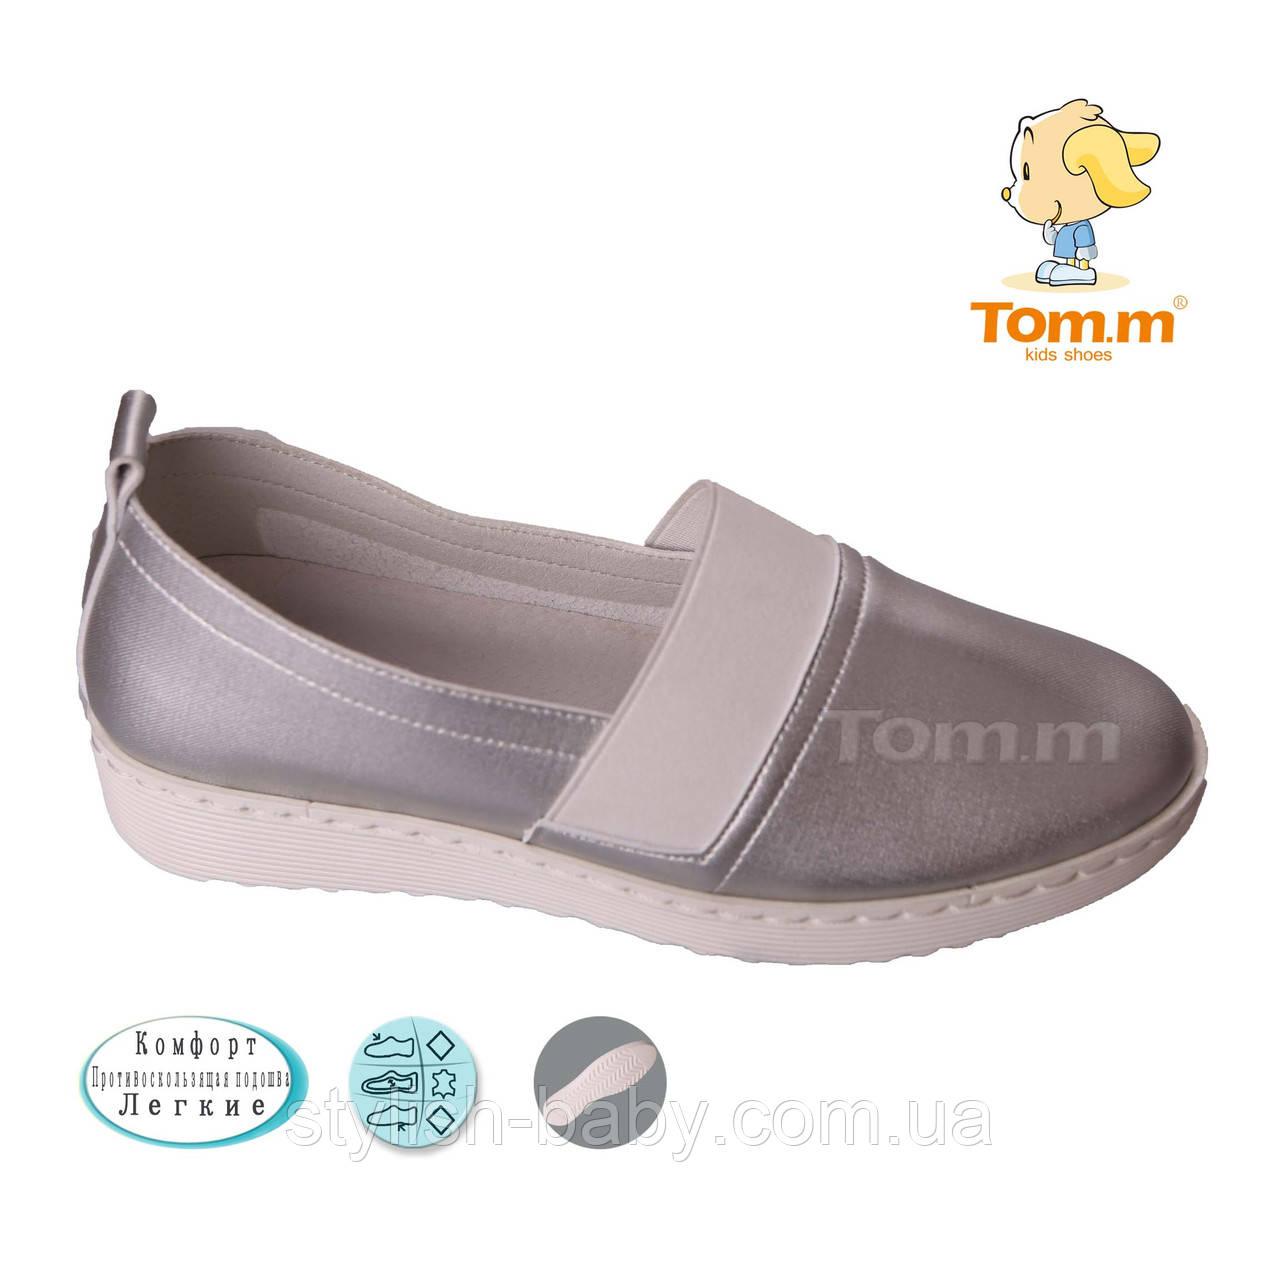 Детская обувь оптом. Детские туфли бренда Tom.m для девочек (рр. с 34 по 39)